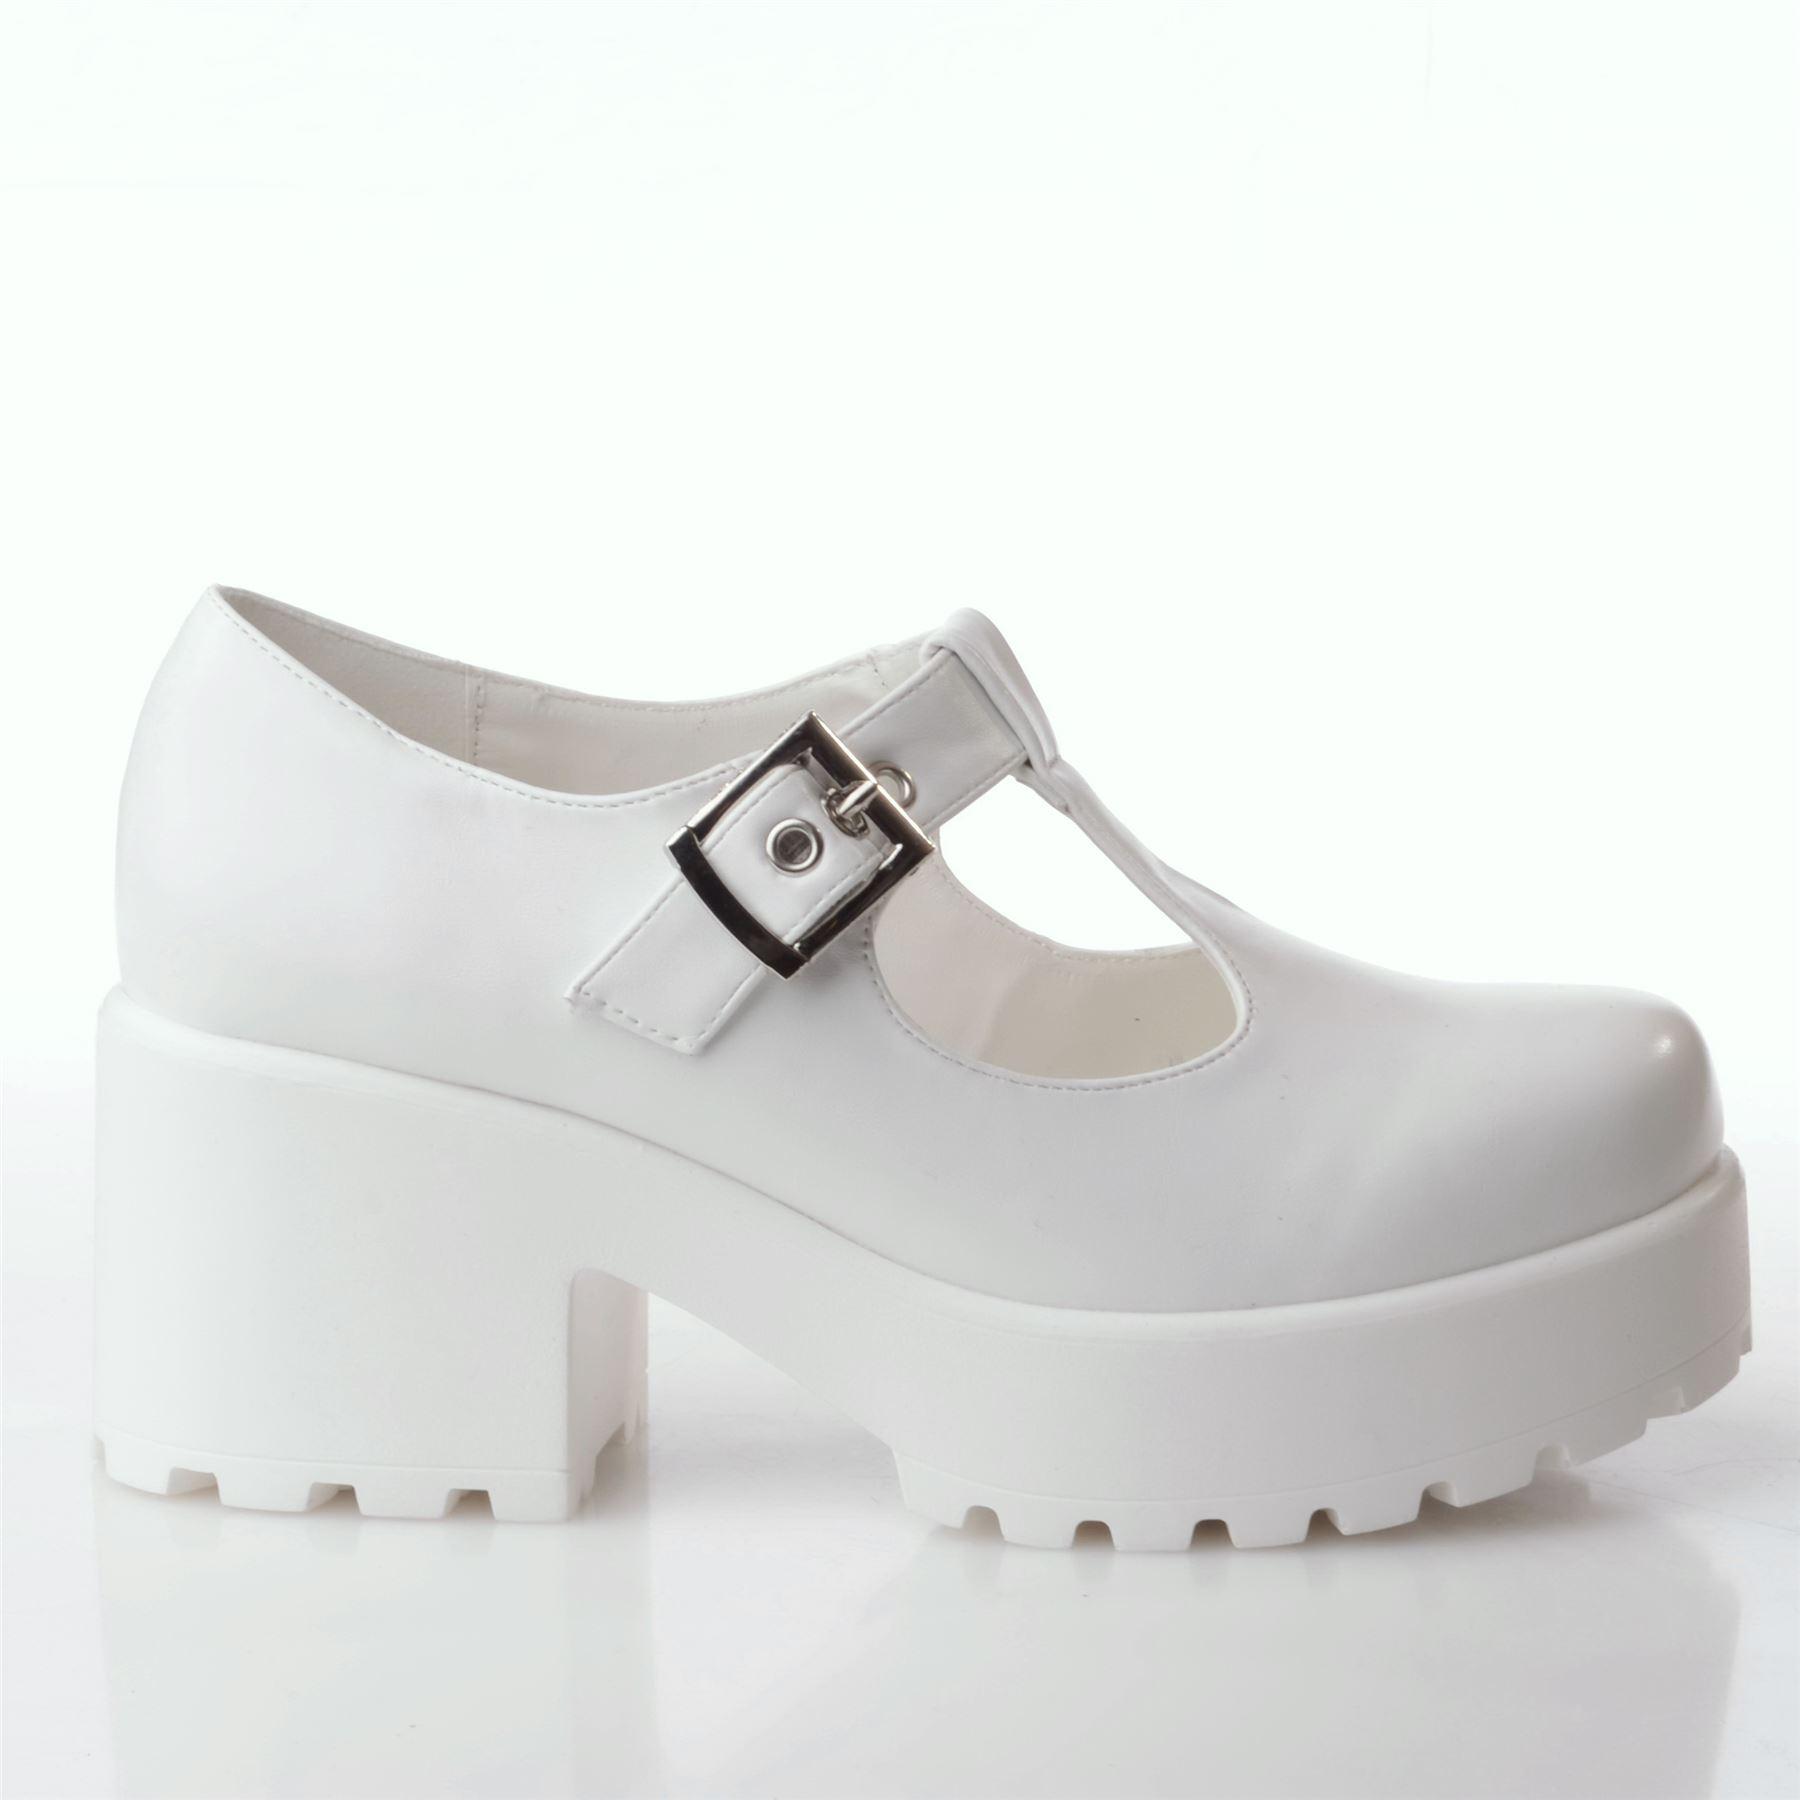 Nouveau Femme Chunky Talon Bloc Plateforme T Bar Cut Out Boucle Chaussures Taille